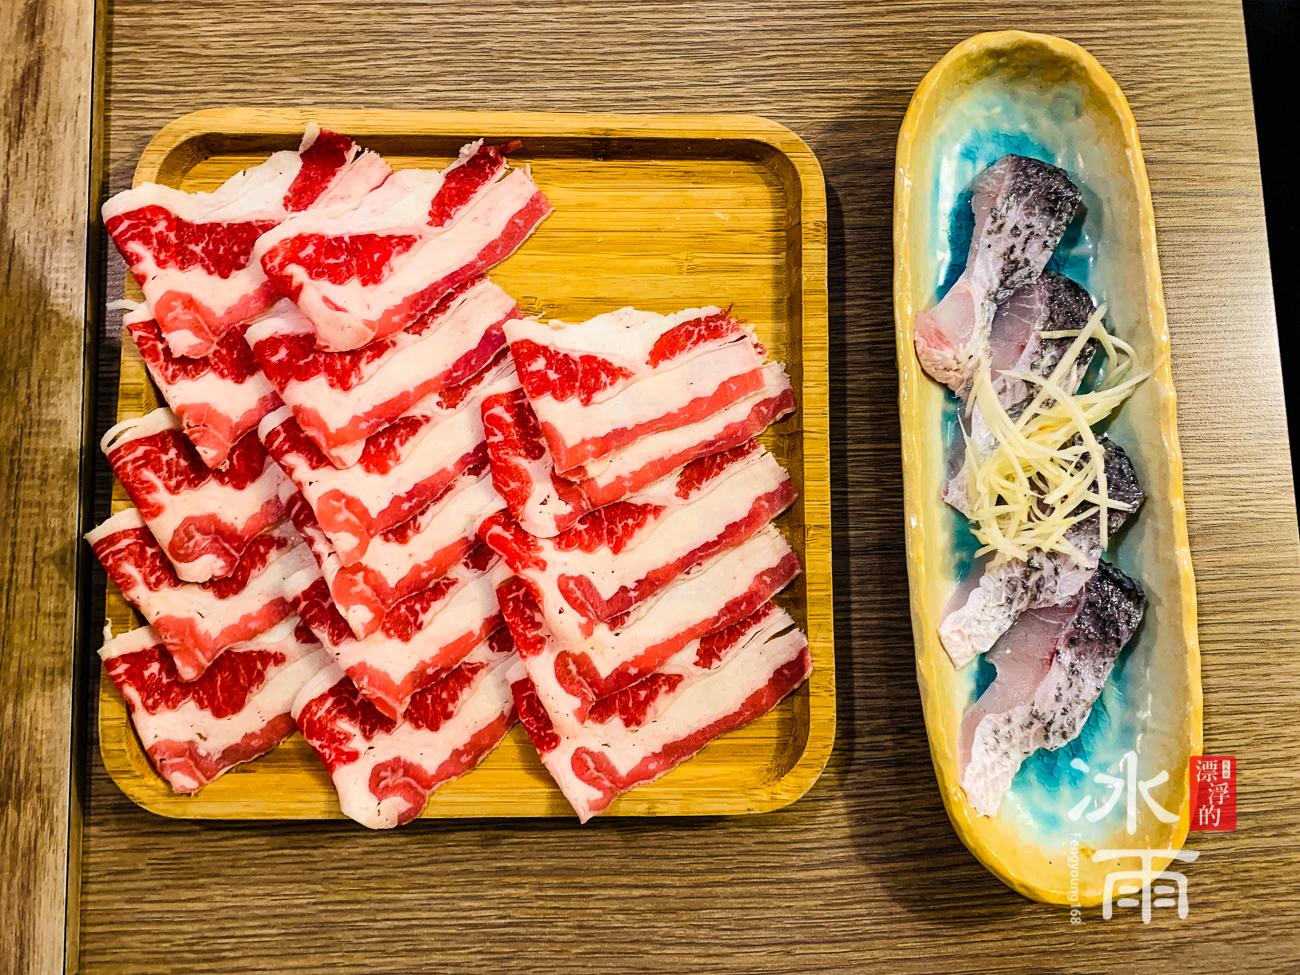 築湘養生麻辣火鍋店|肉盤和現撈鱸魚